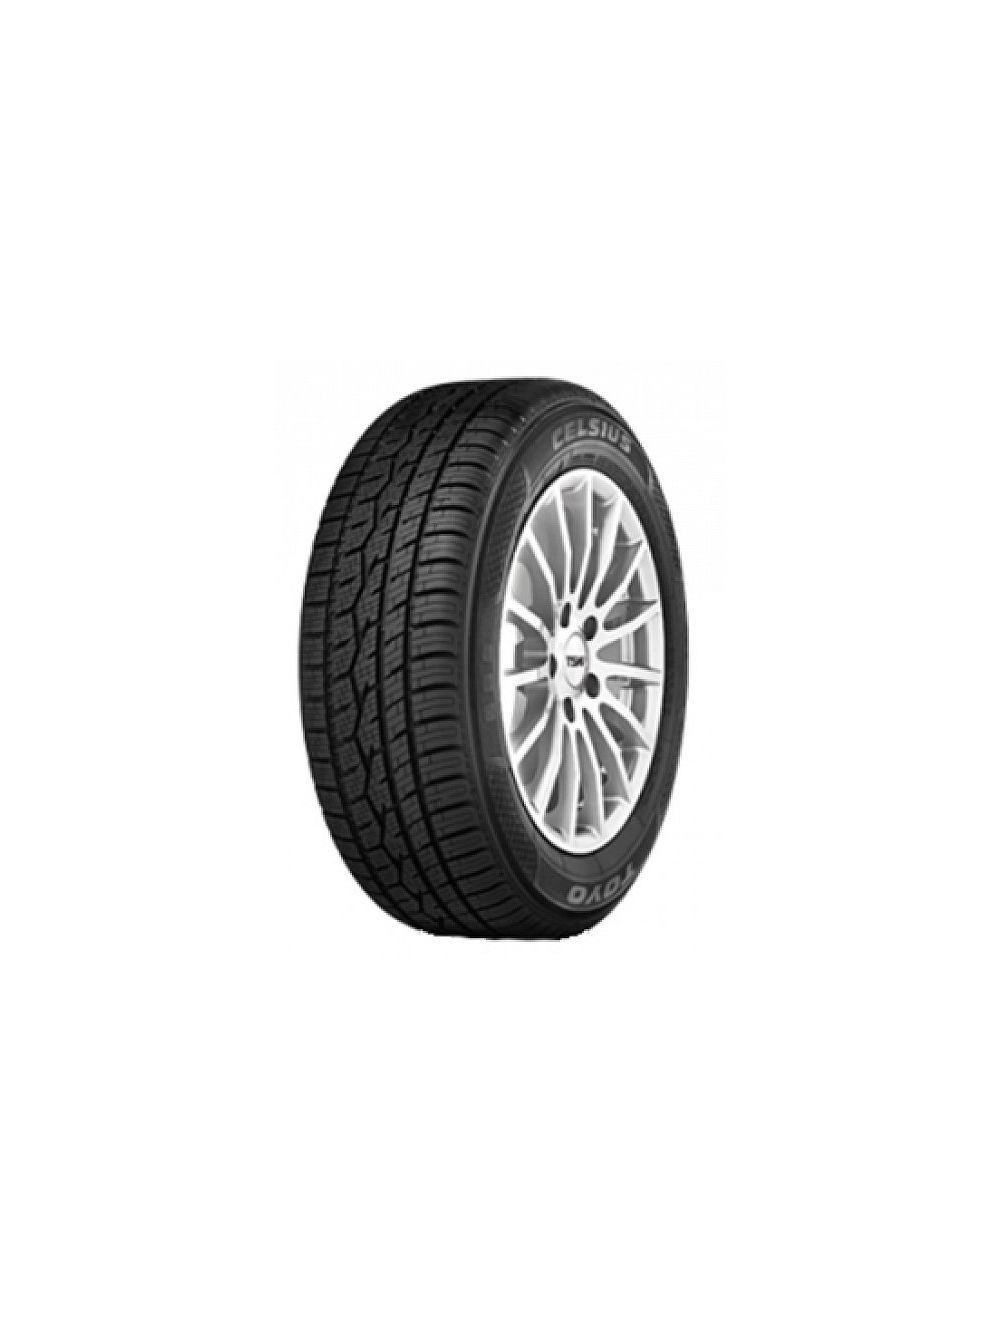 Toyo 165/65R14 T Celsius Négyévszakos gumi